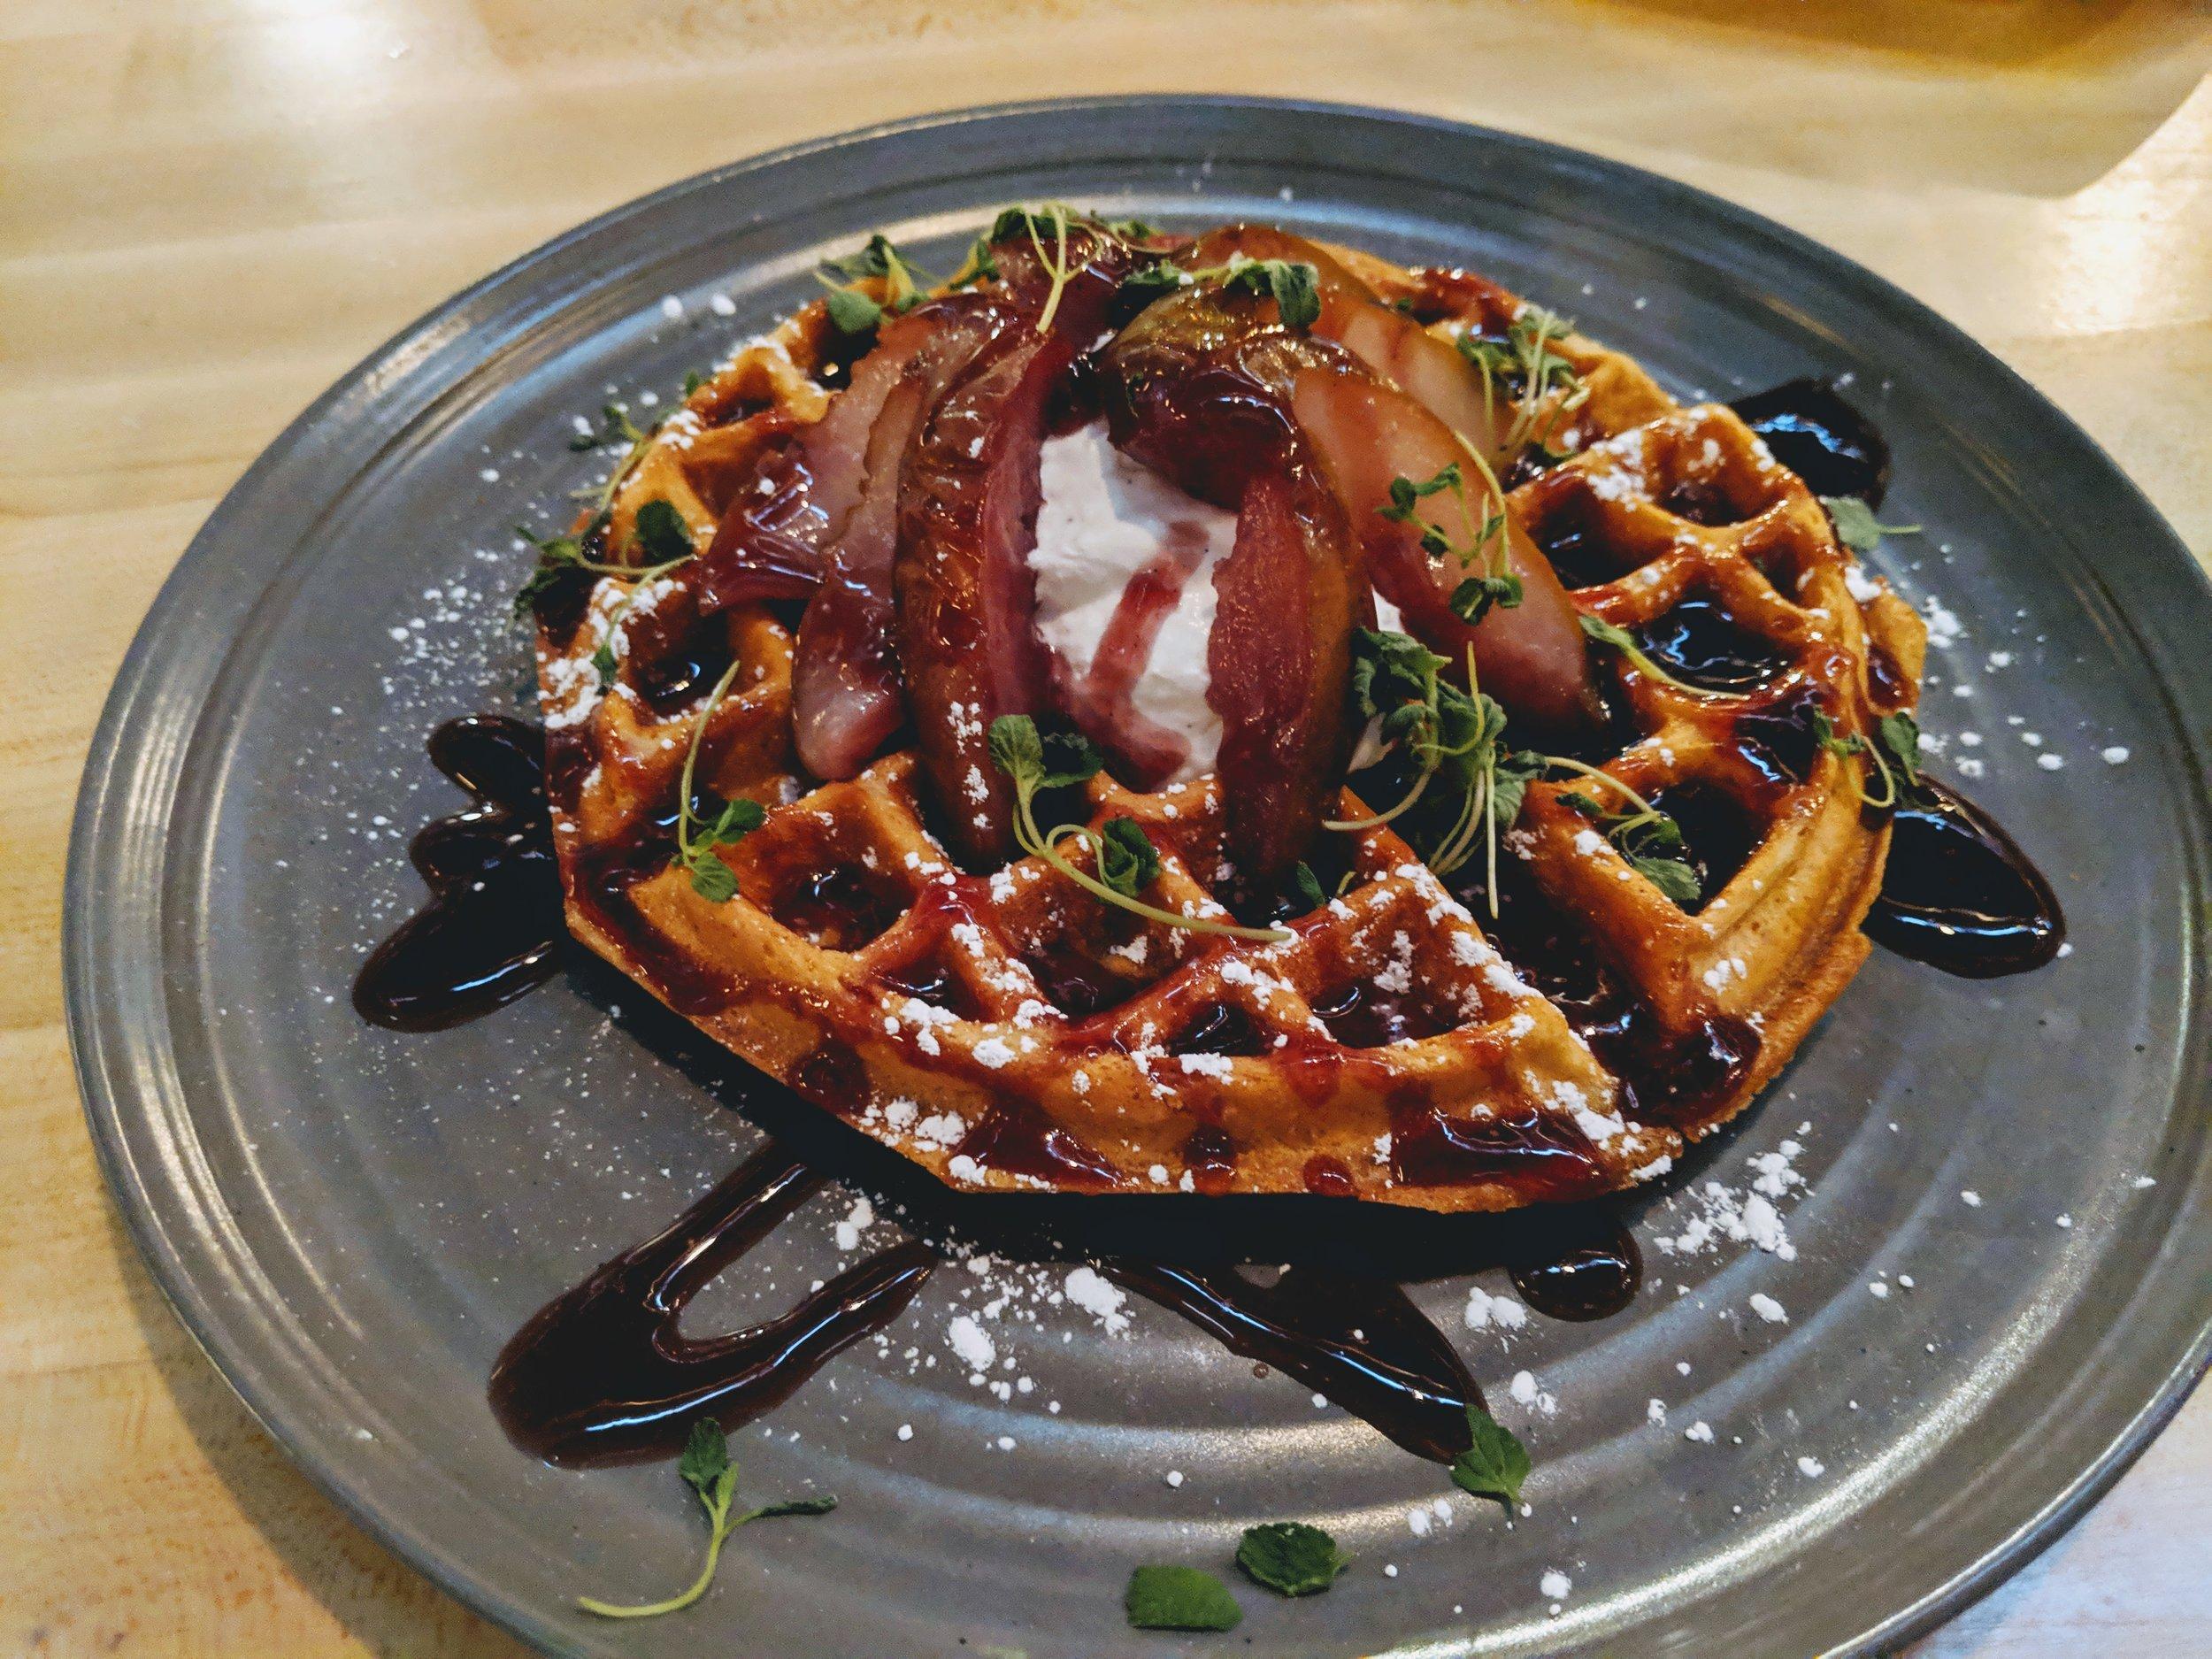 Fourteen Sixteen Waffles brunch La Grange Illinois.jpg